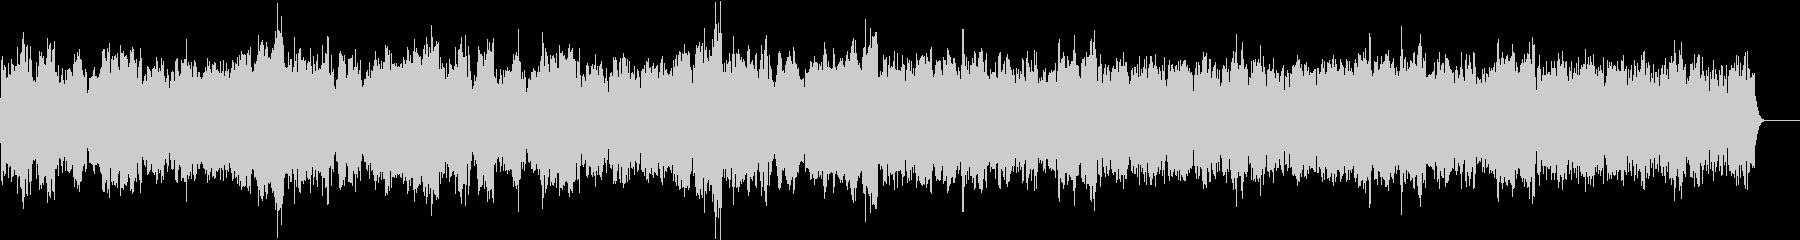 ゴルトベルク変奏曲主題部/オーケストラの未再生の波形